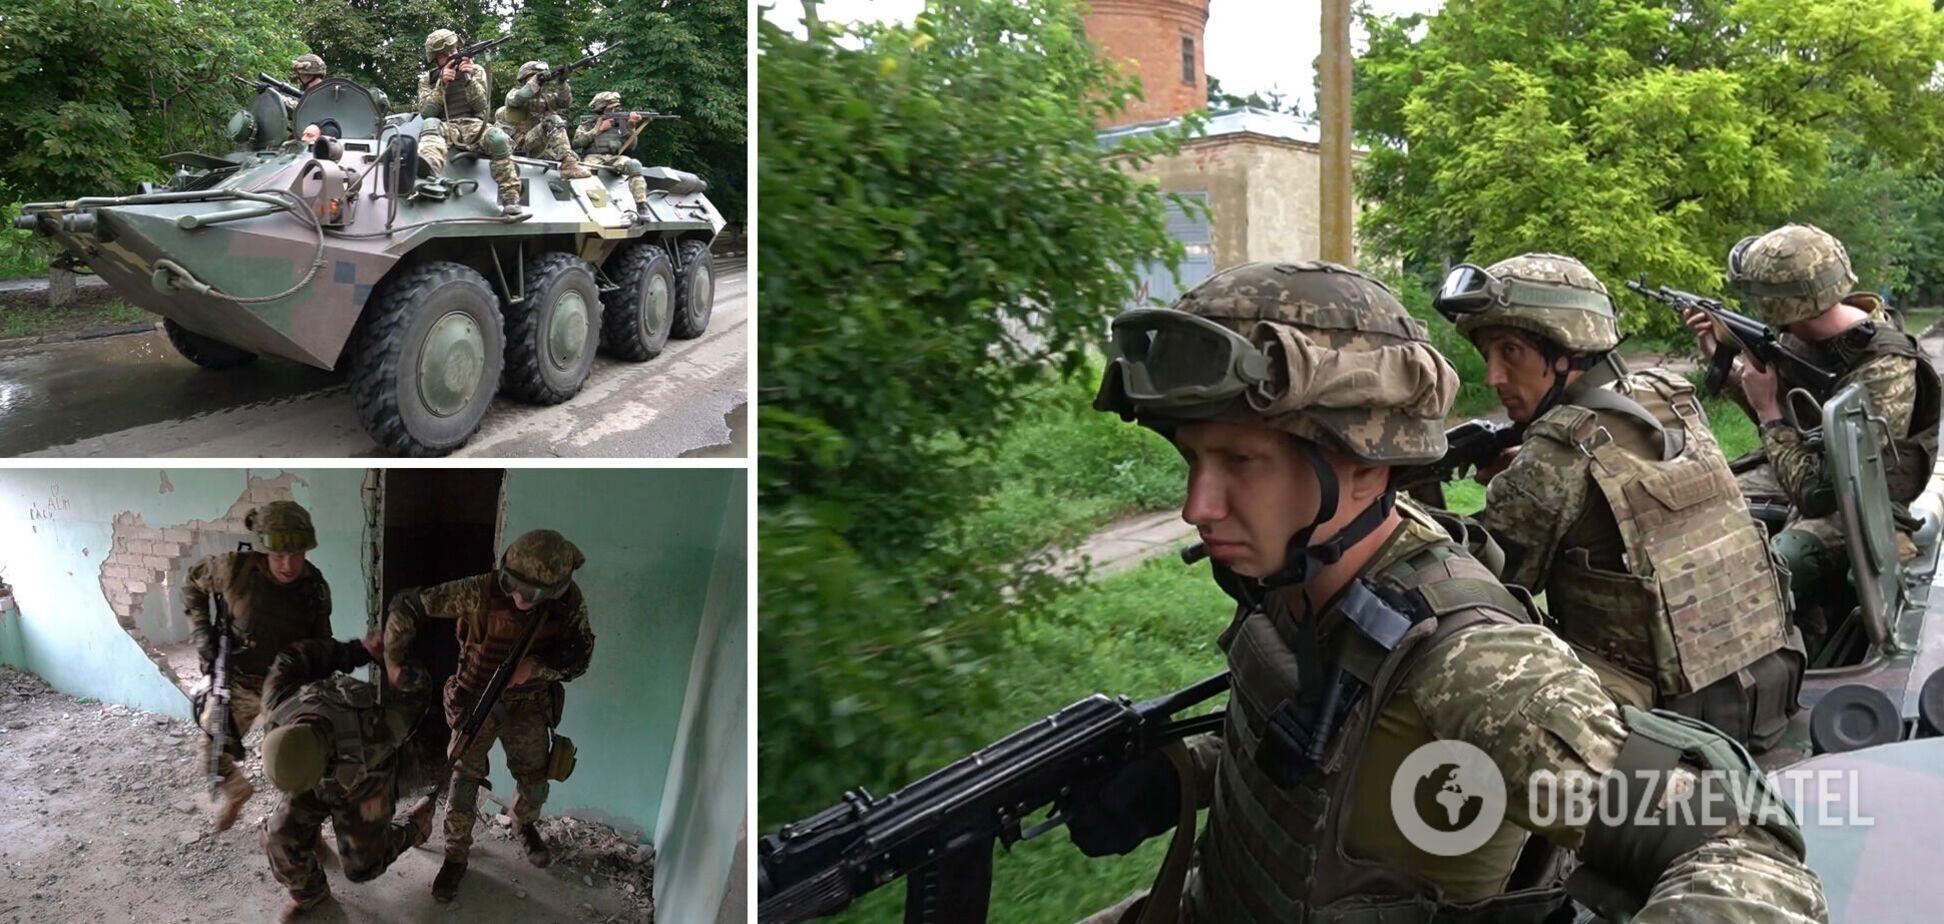 Задачей было обезвредить диверсантов: ВСУ провели учения вблизи админграницы с Крымом. Фото и видео